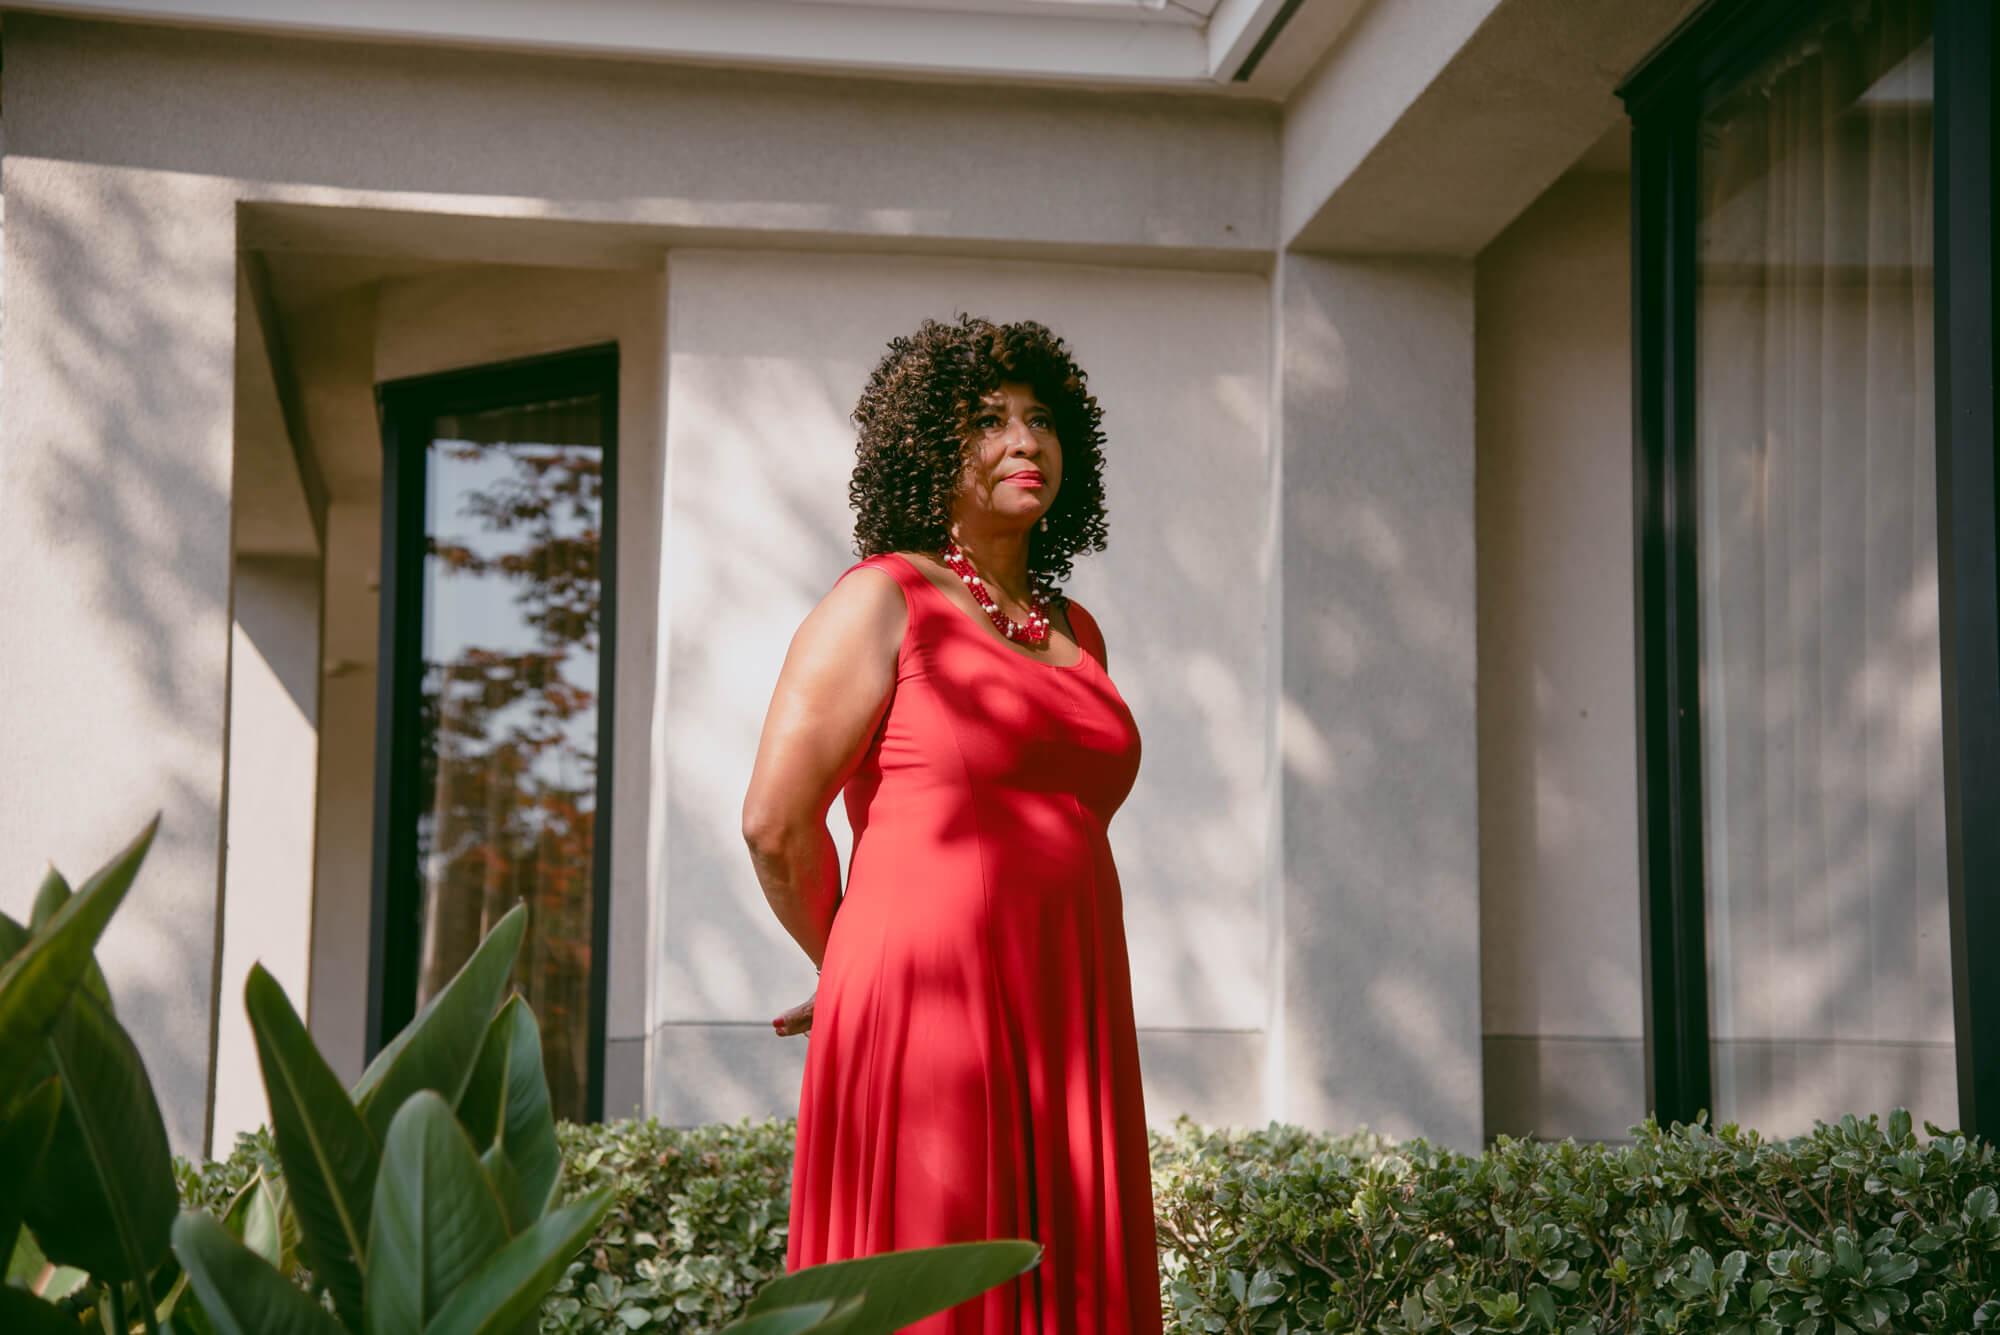 20201006-Pamela-Price-Oakland-Leshnov-web-9.jpg